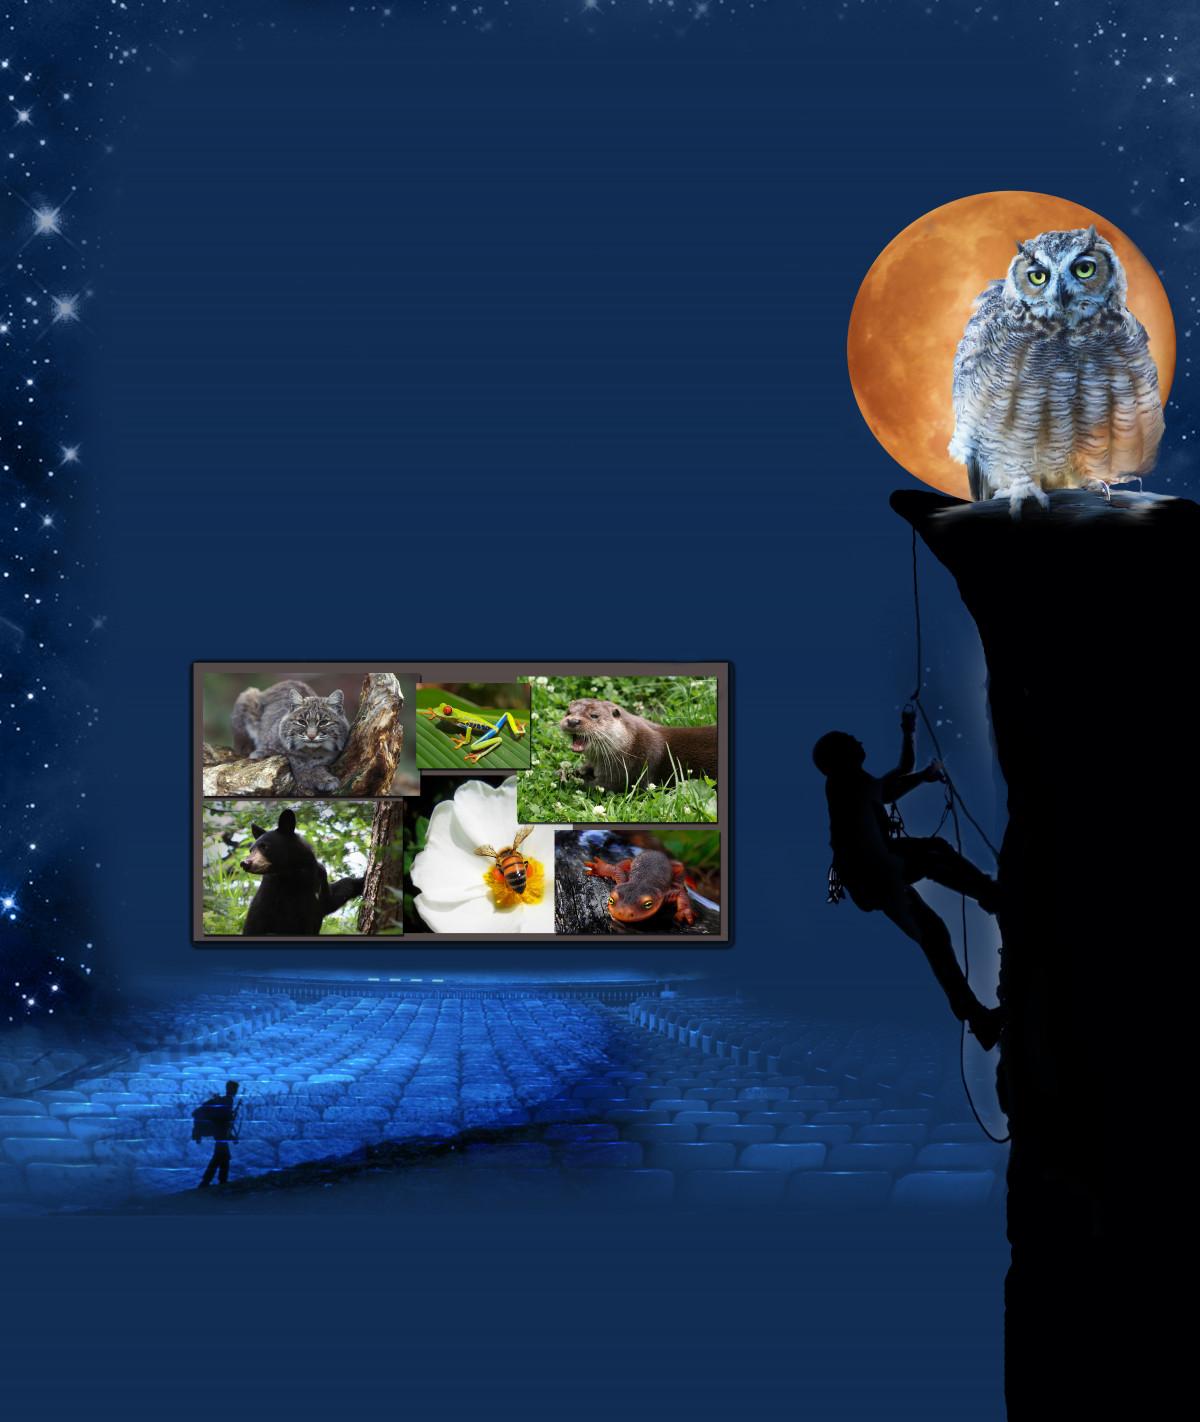 Gambar Alam Hiking Malam Gelap Beruang Kucing Biru Panjat